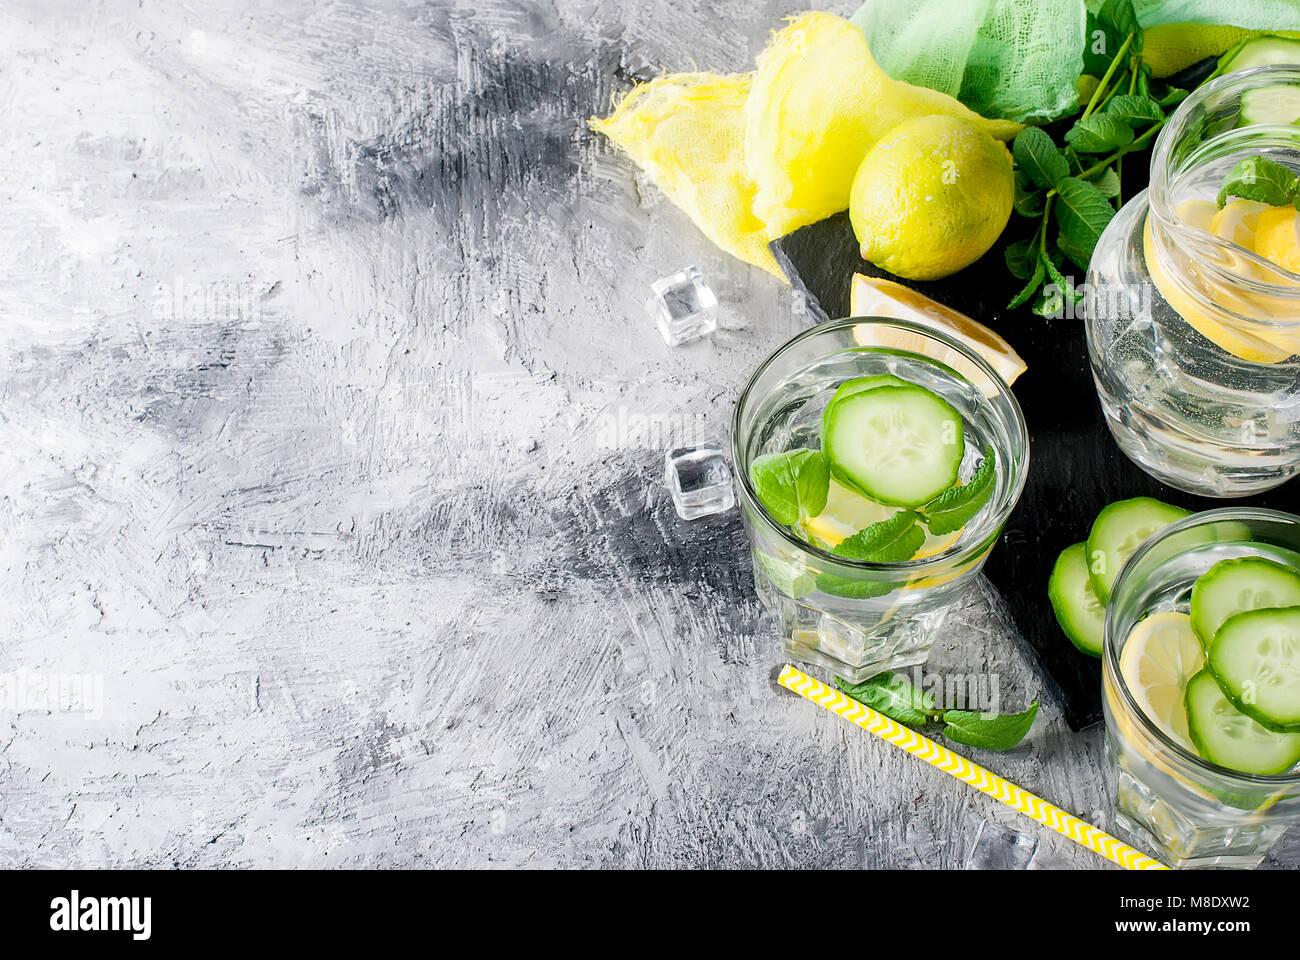 Cocktail de concombre rafraîchissant, limonade, de désintoxication de l'eau dans un deux verres sur Photo Stock